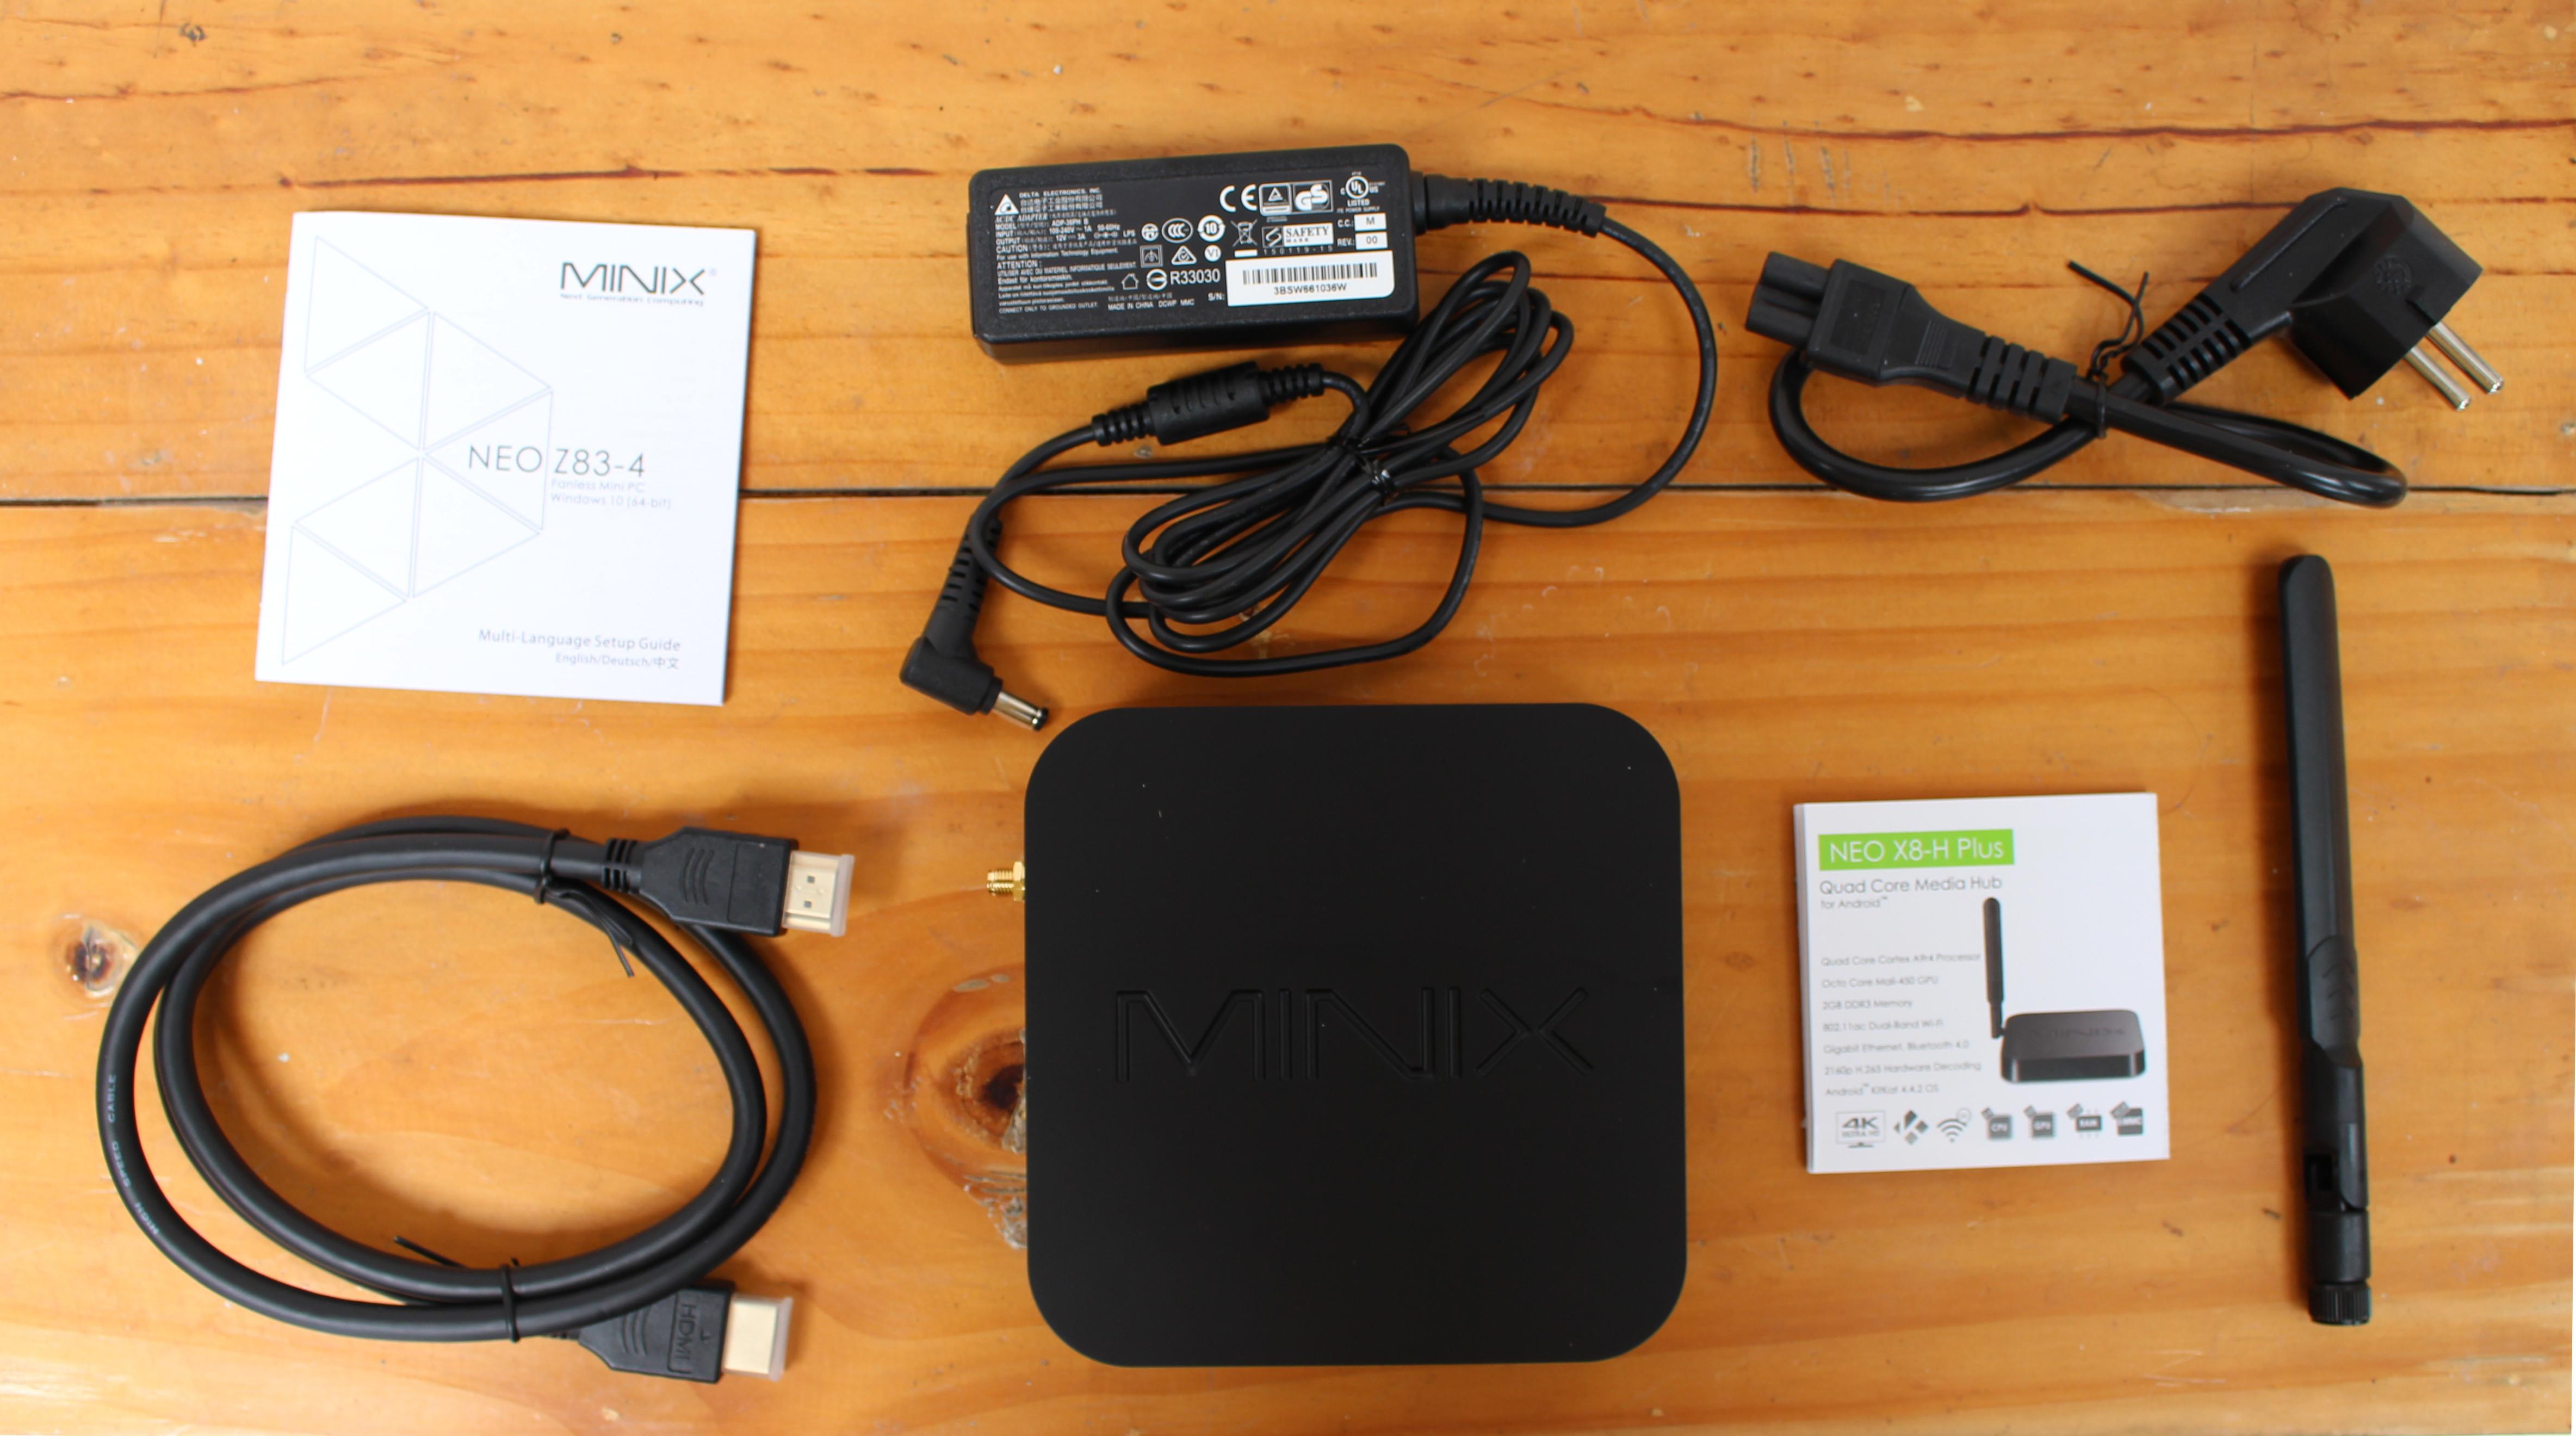 Minix Neo Z83 4 Fanless Mini Pc Review Part 1 Specs